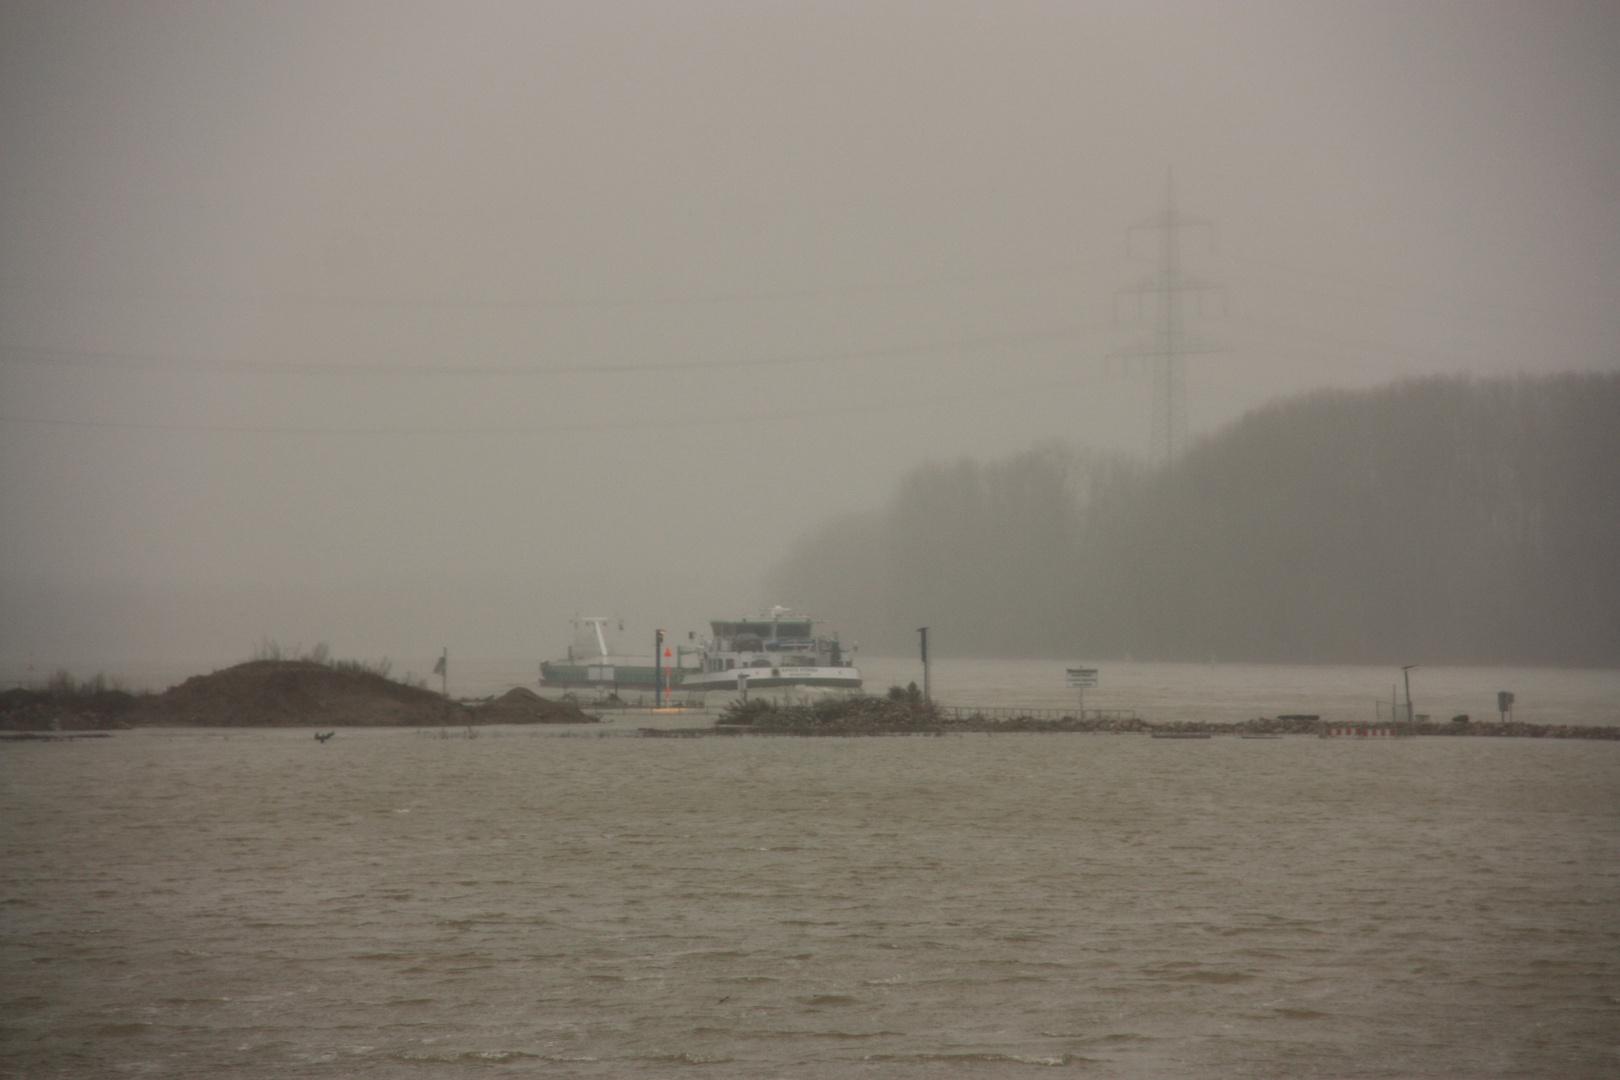 Hochwasser 2 ... Weltuntergangsstimmung ... 4.2.13